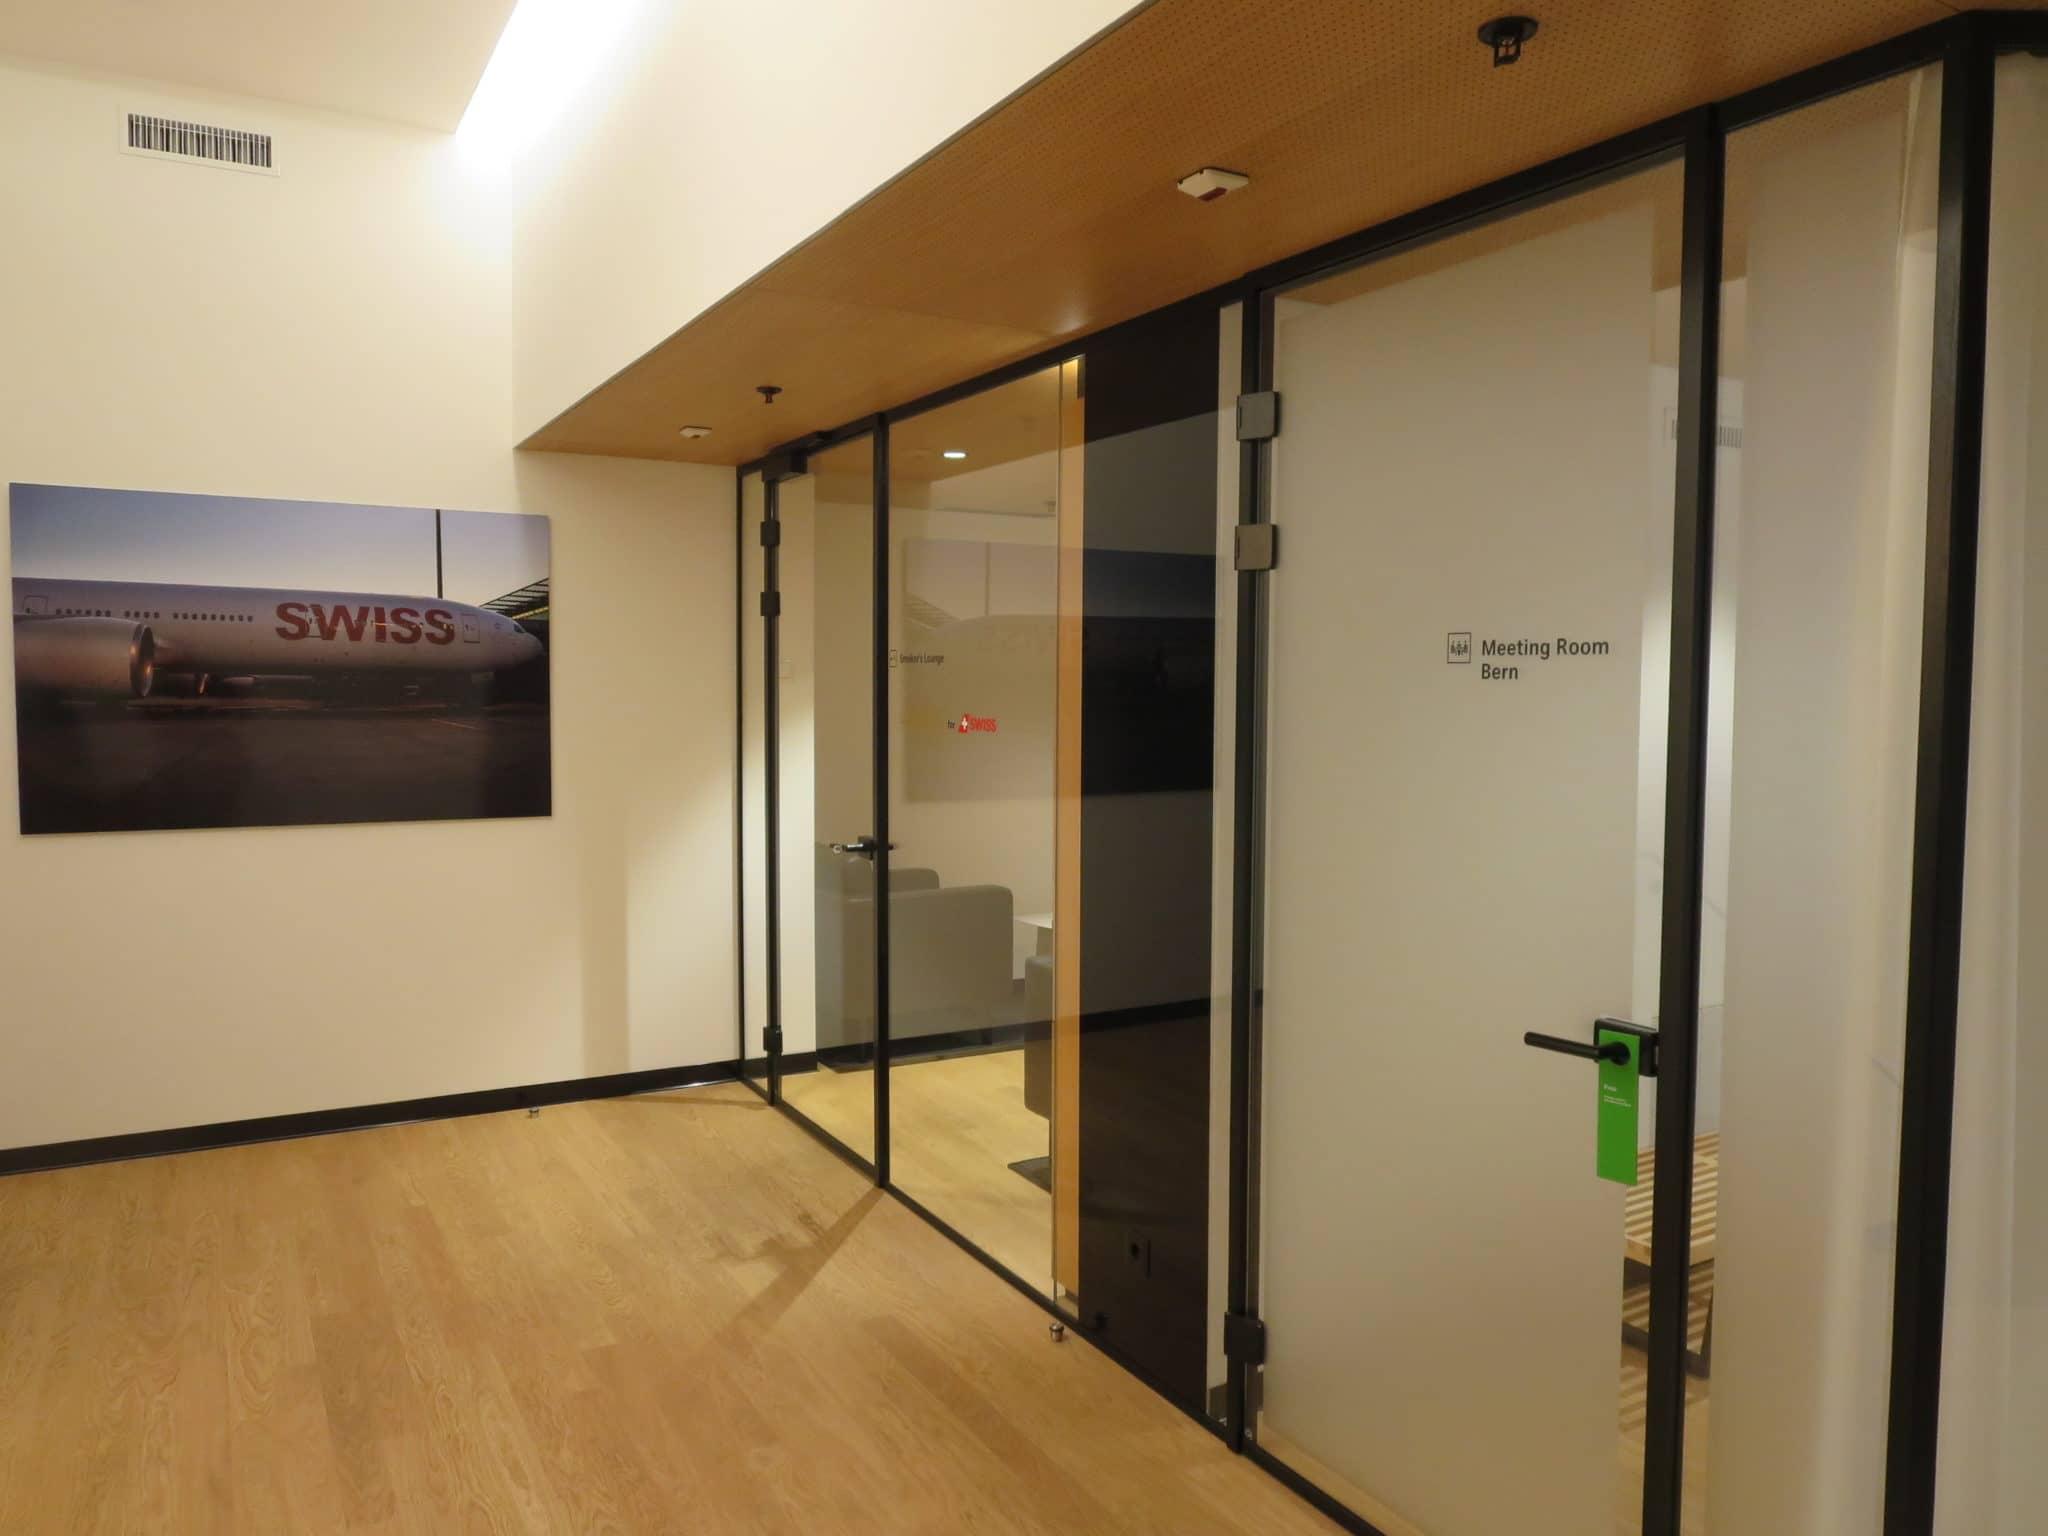 Swiss First Class Lounge Zürich A Smokers Lounge und Meetingraum